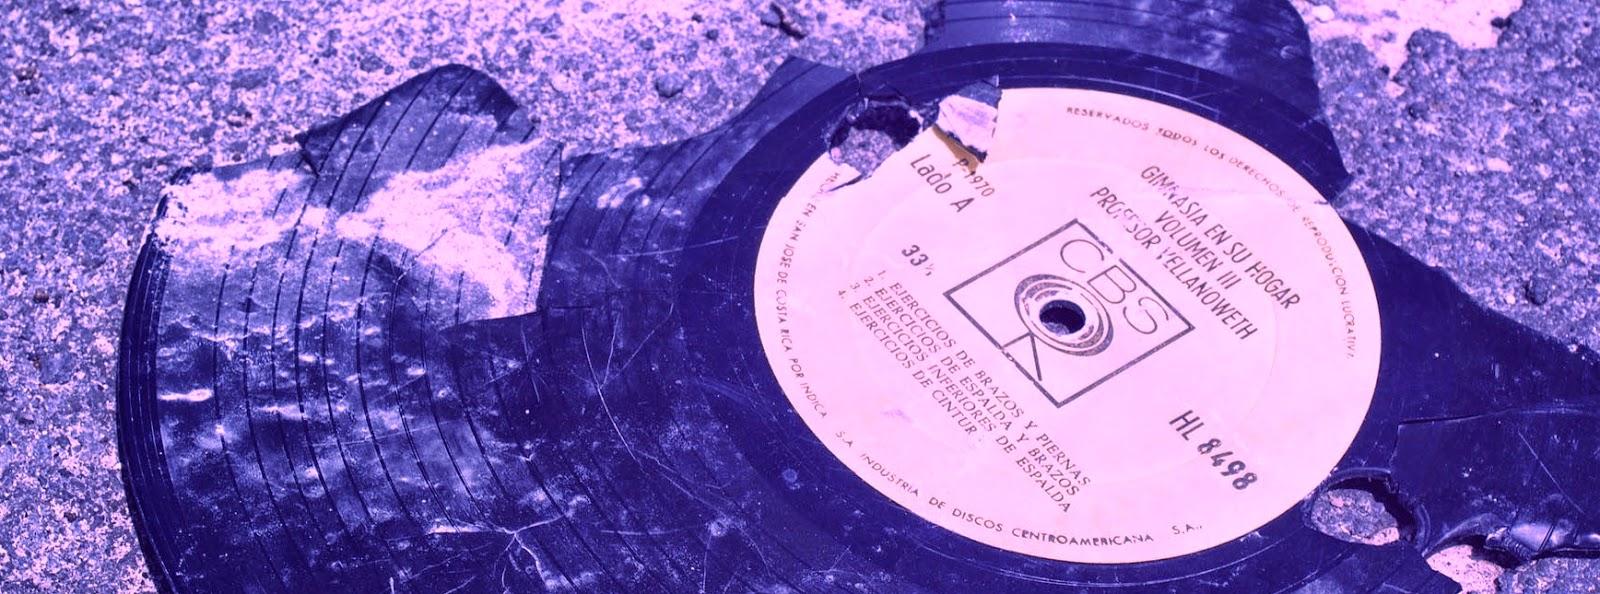 La industria discográfica se adapta para sobrevivir al nuevo entorno musical